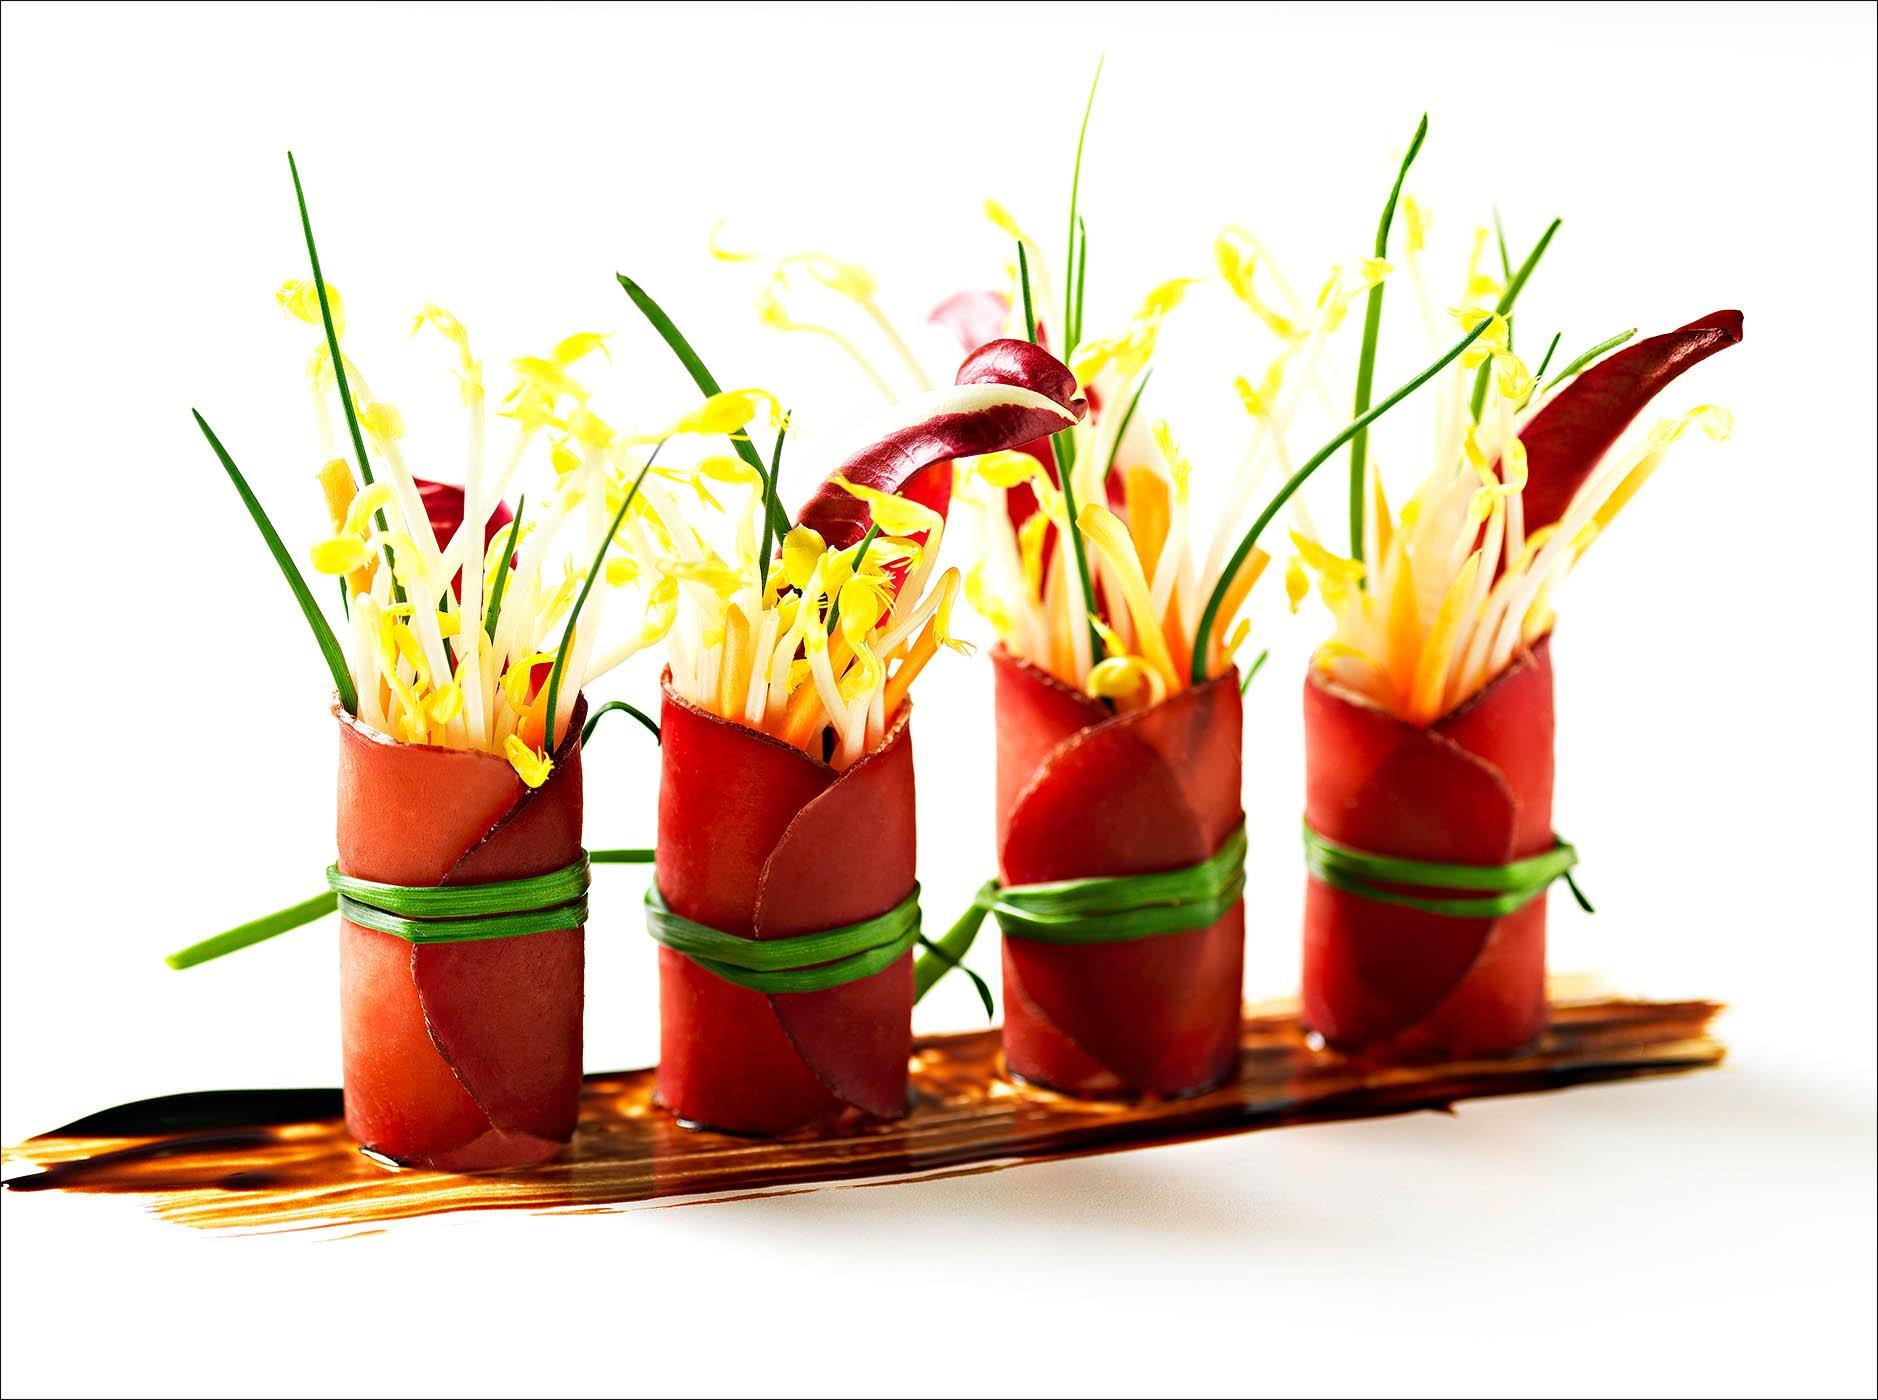 Immagini per il settore food | Andrea Sudati Photo Studio